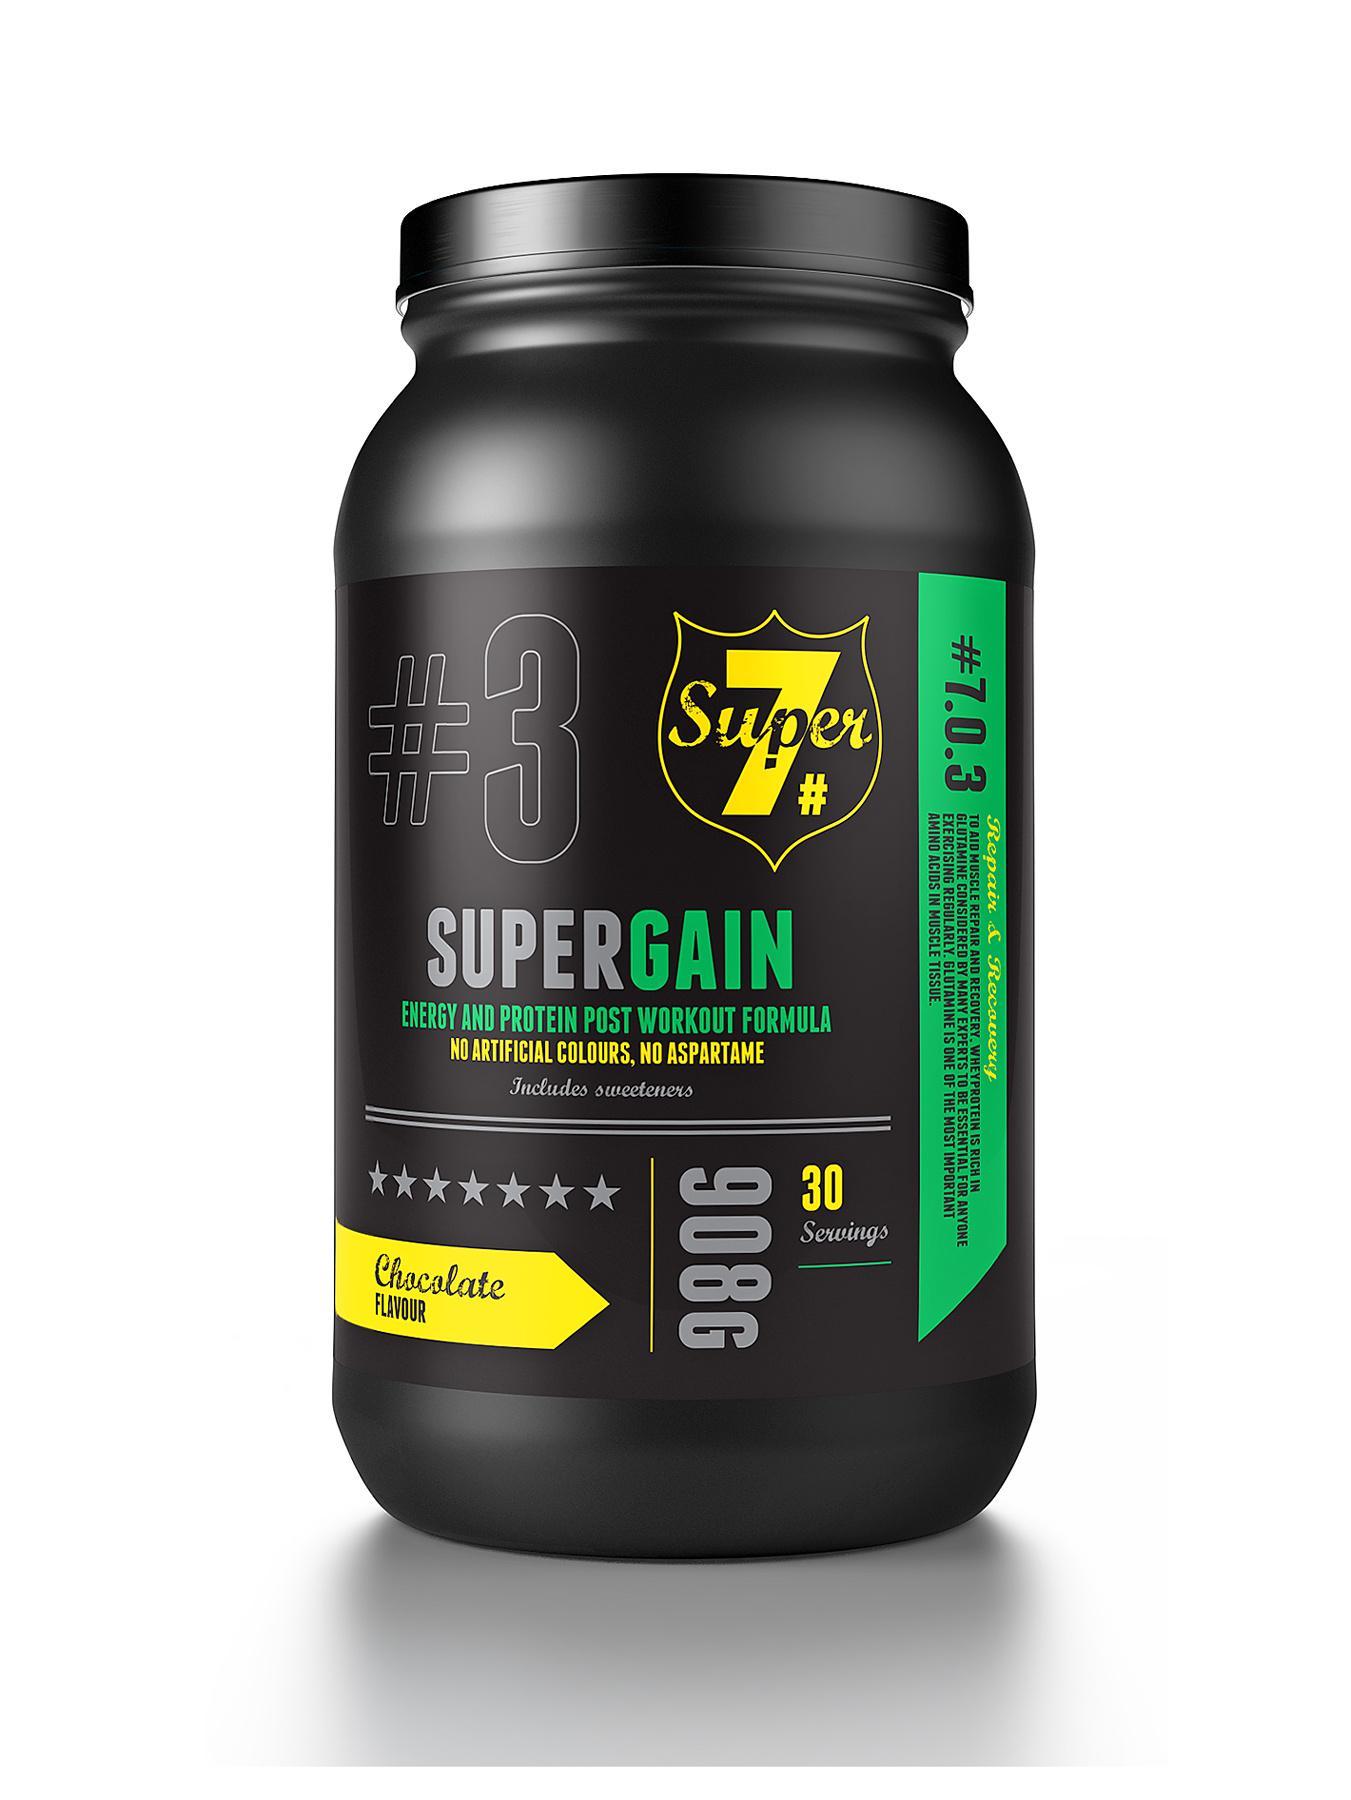 Super 7 Super Gain 908g